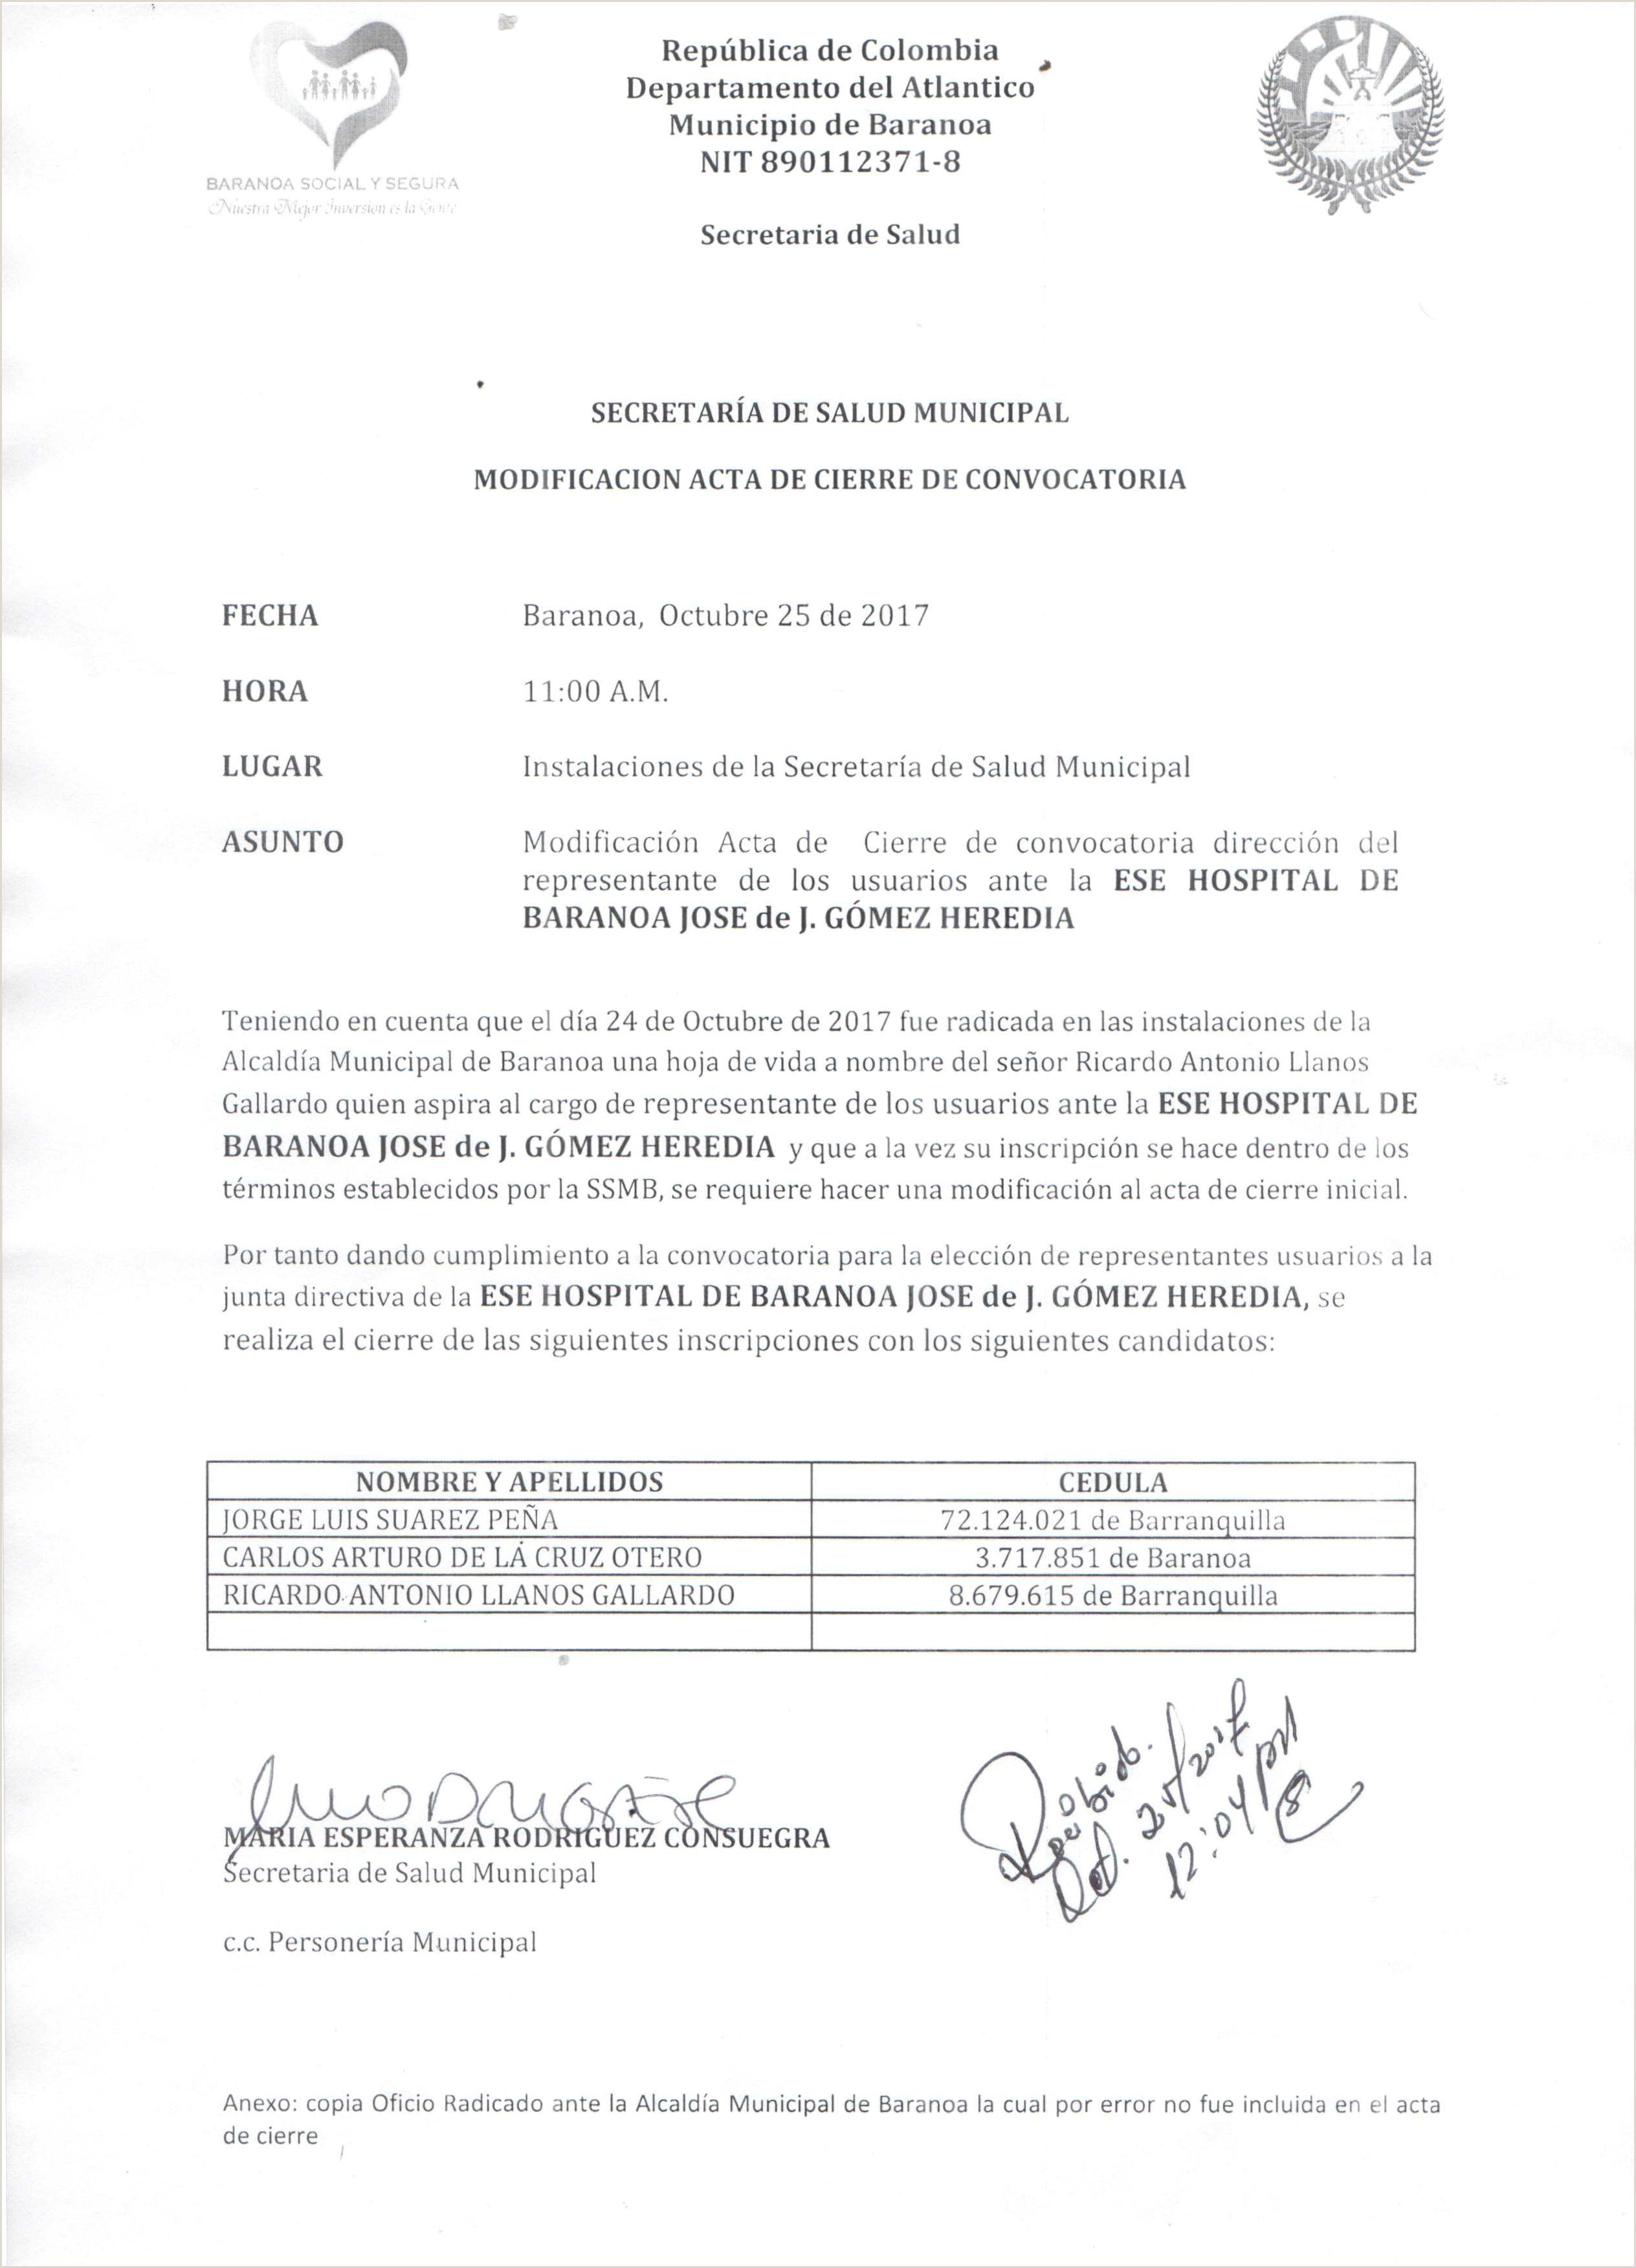 Circular Modificaci³n Acta De Cierre De Convocatoria